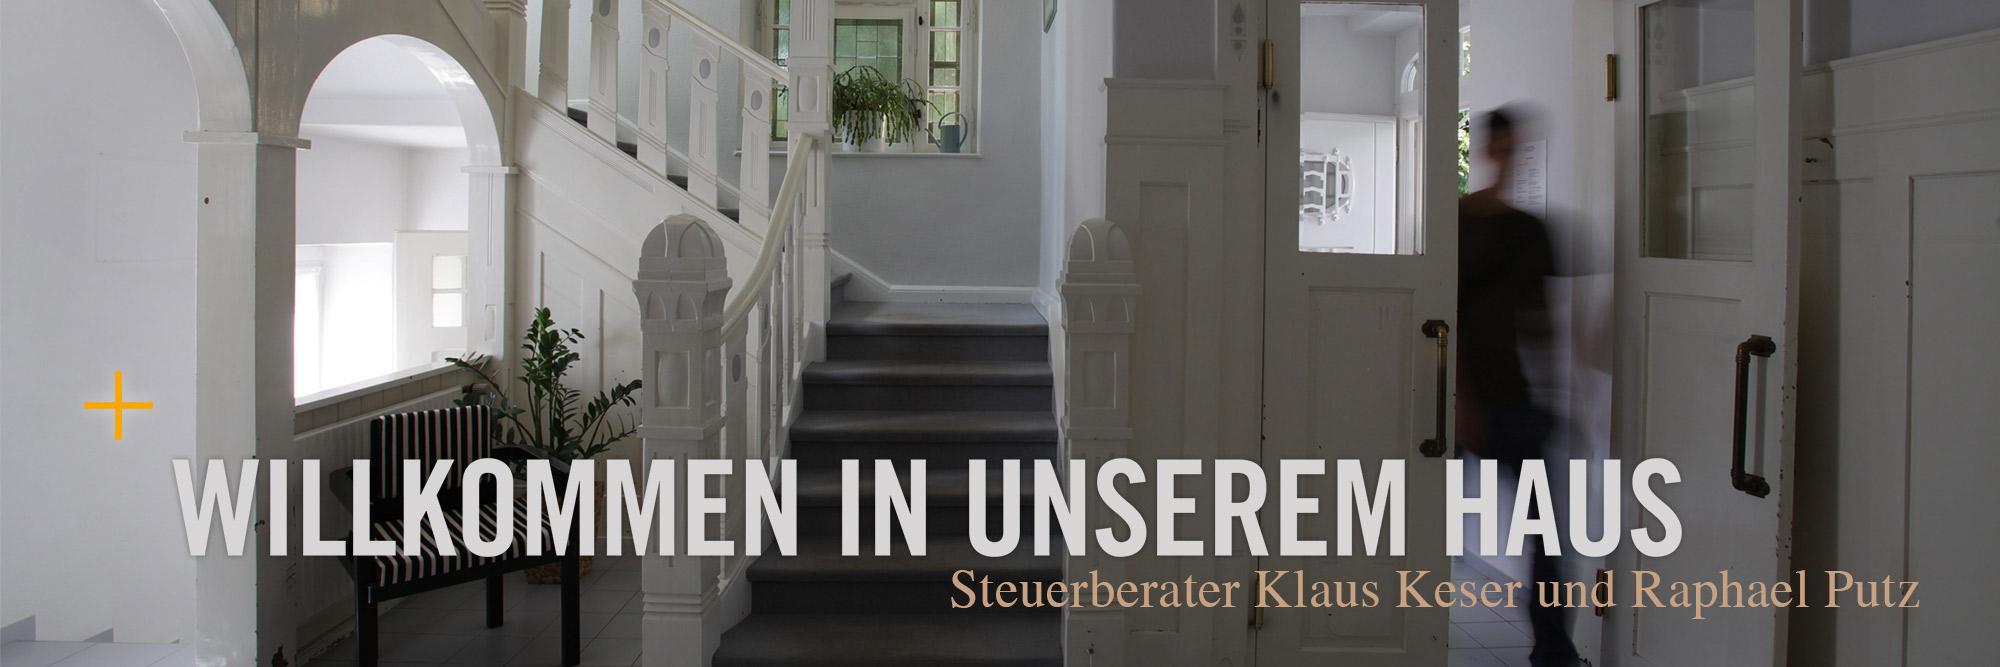 Steuerberatung und Steuerberater in Bad Säckingen